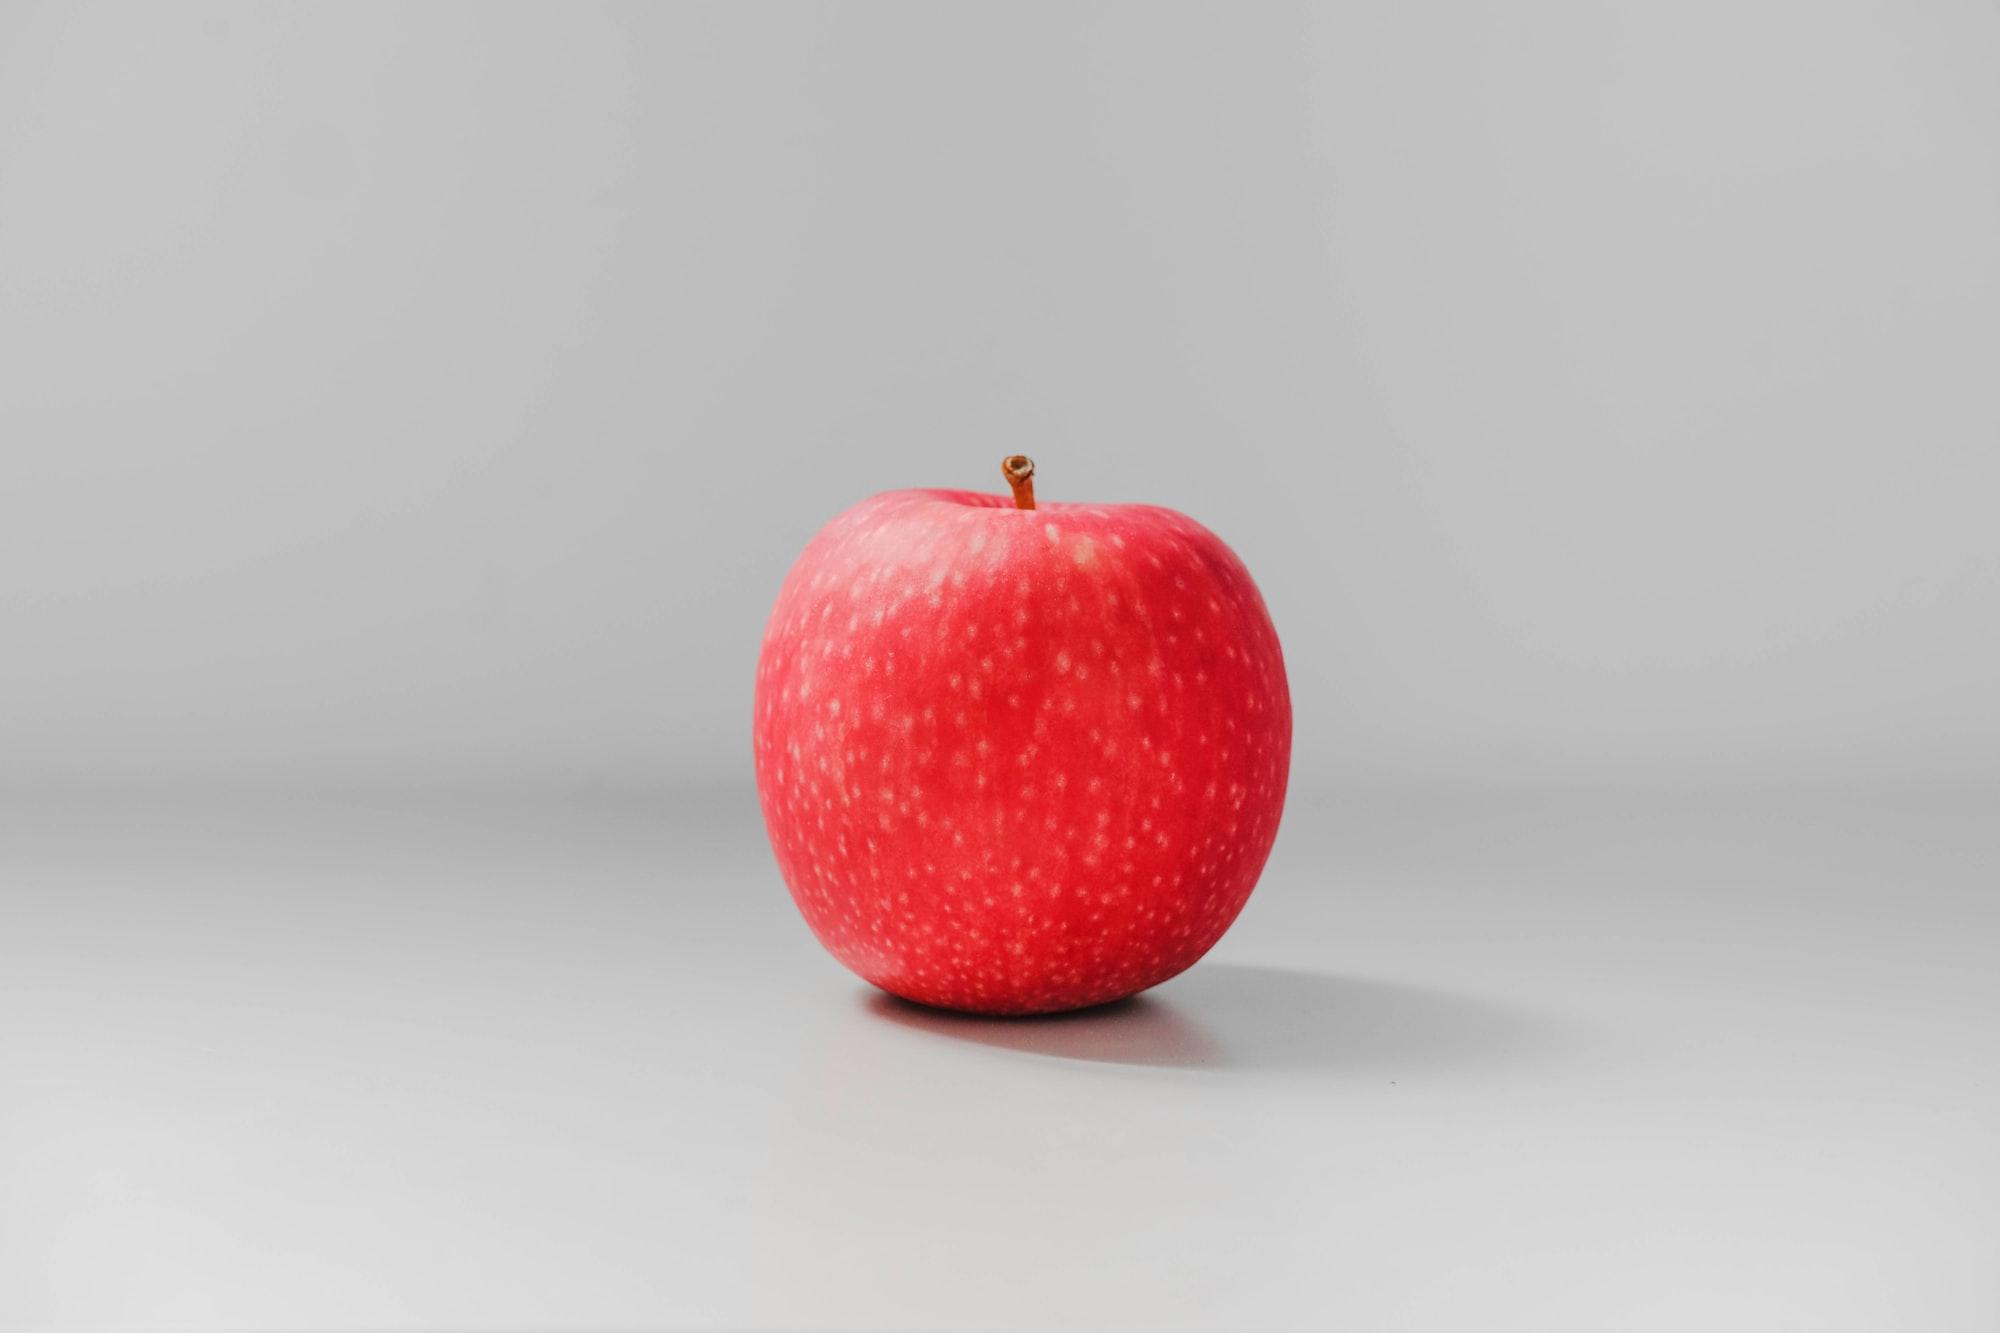 Apple (AAPL)